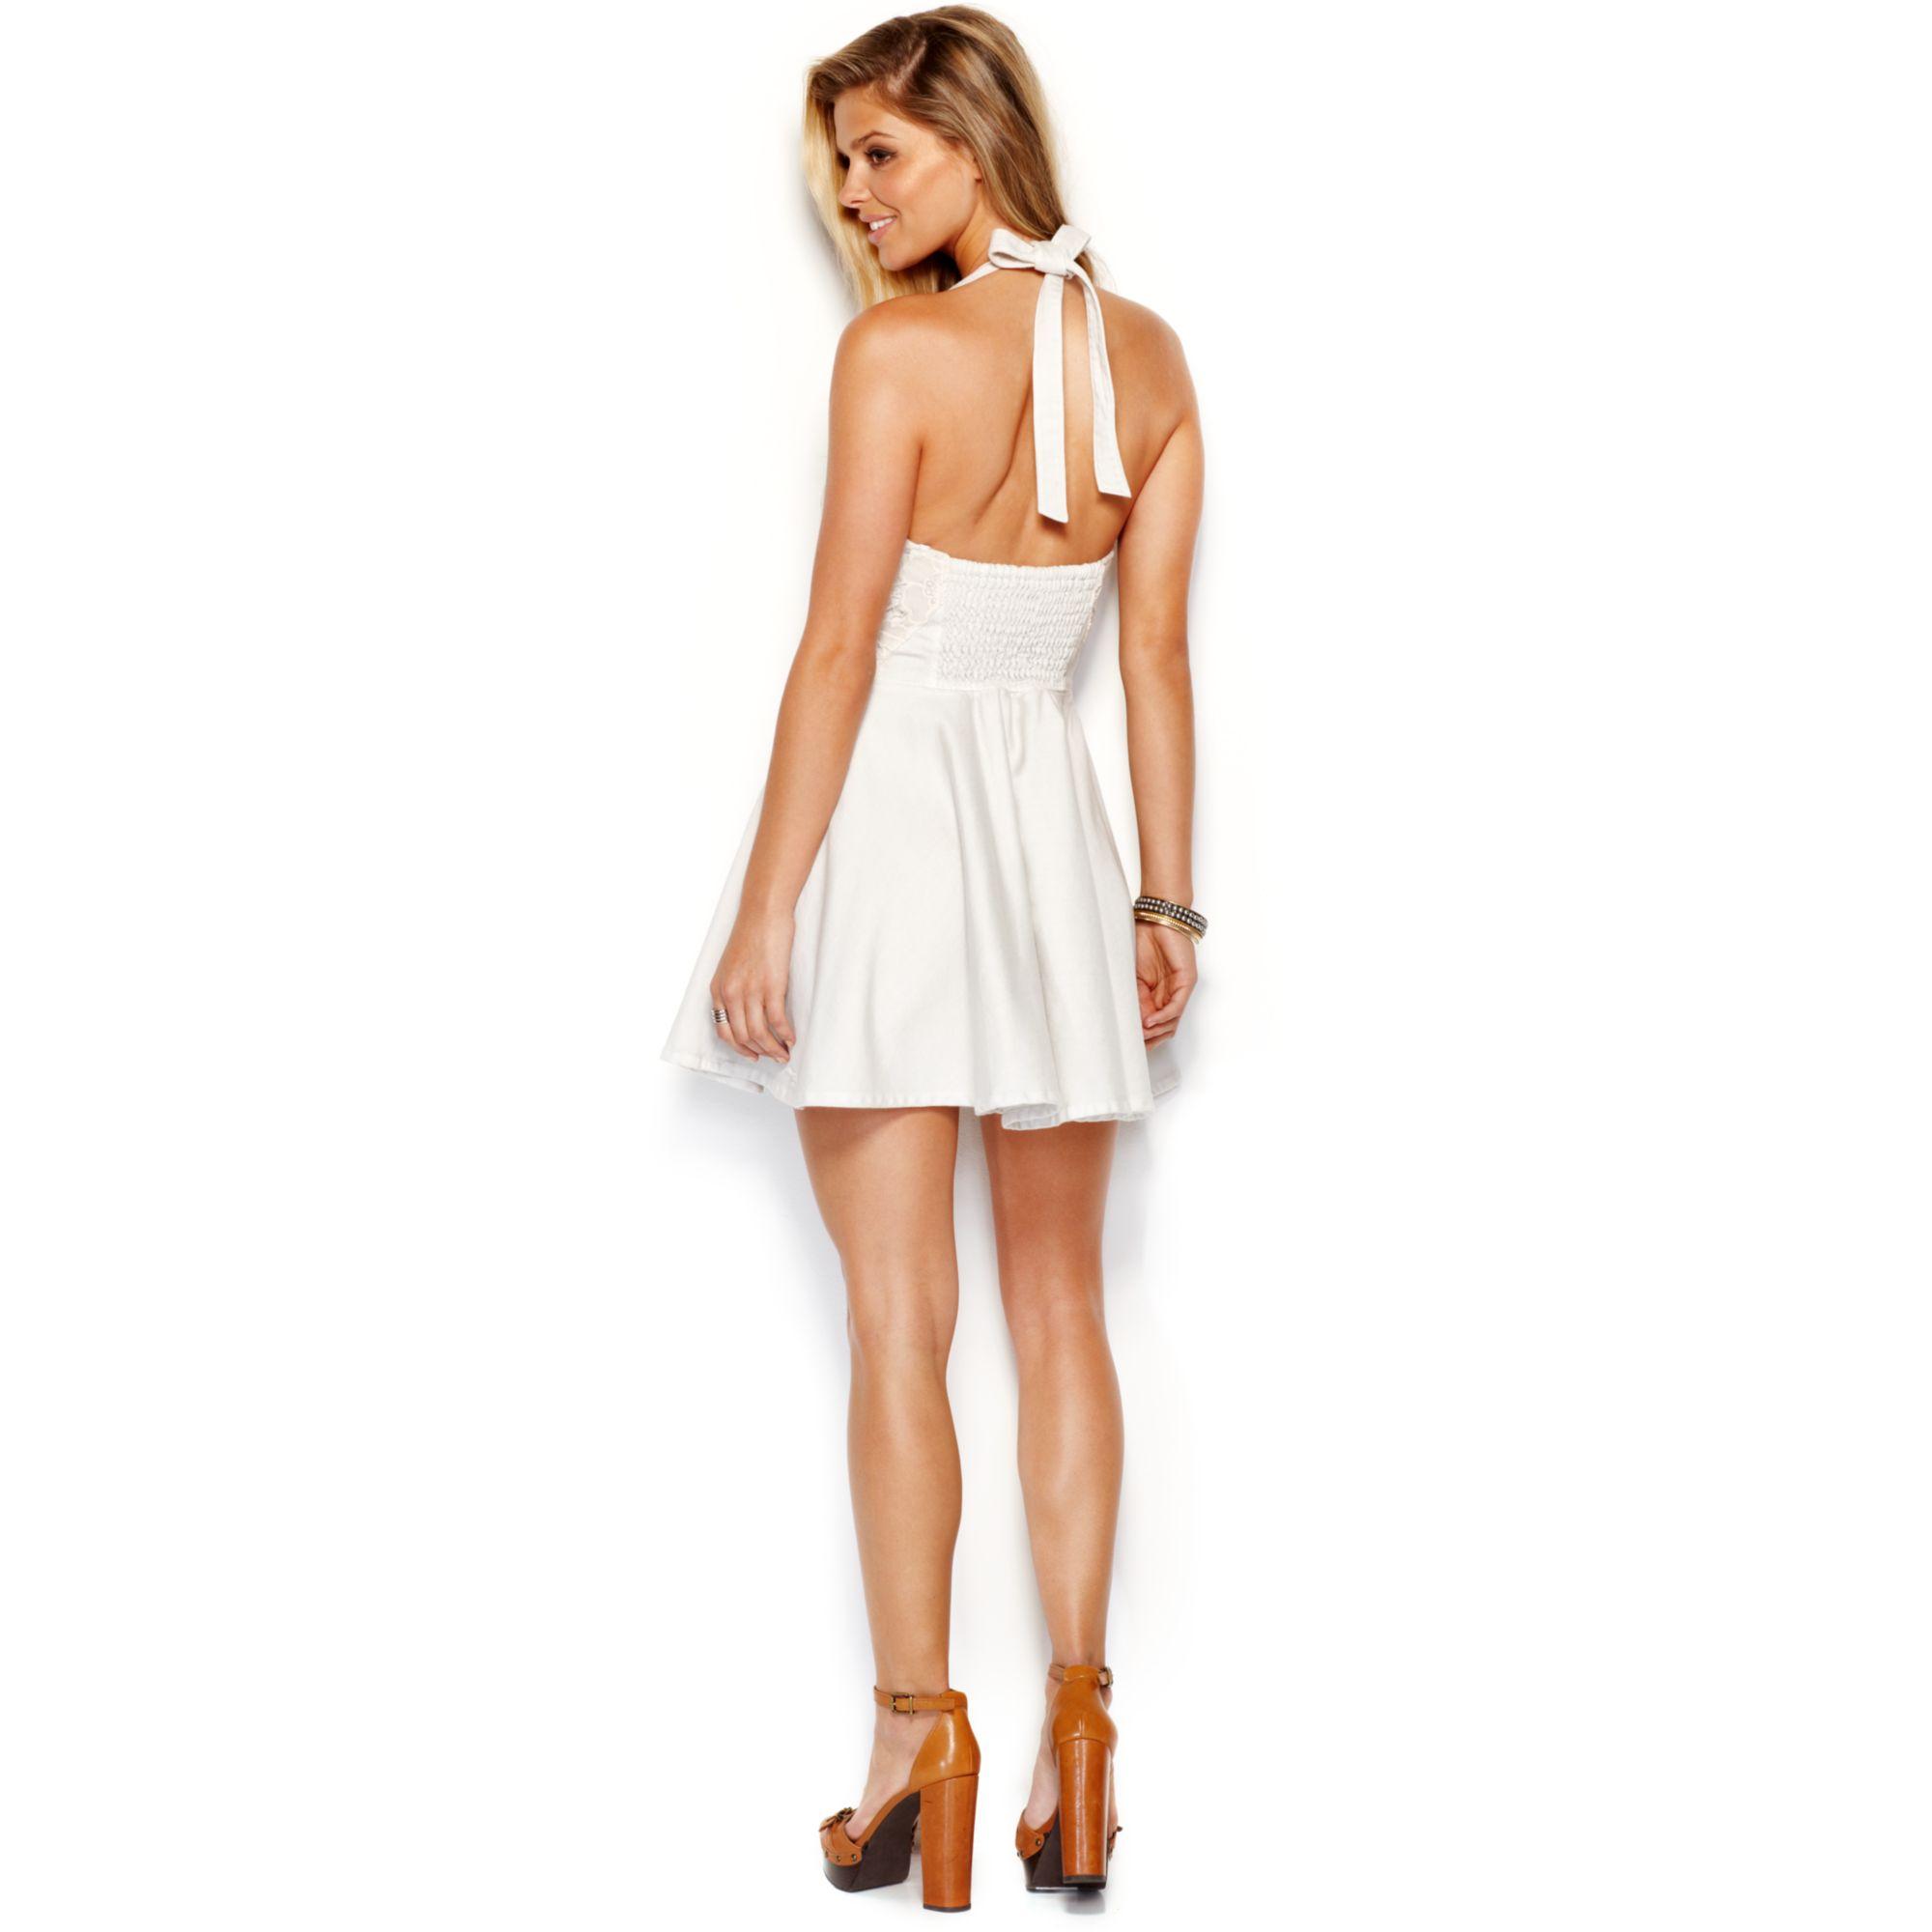 Guess Halter Dress